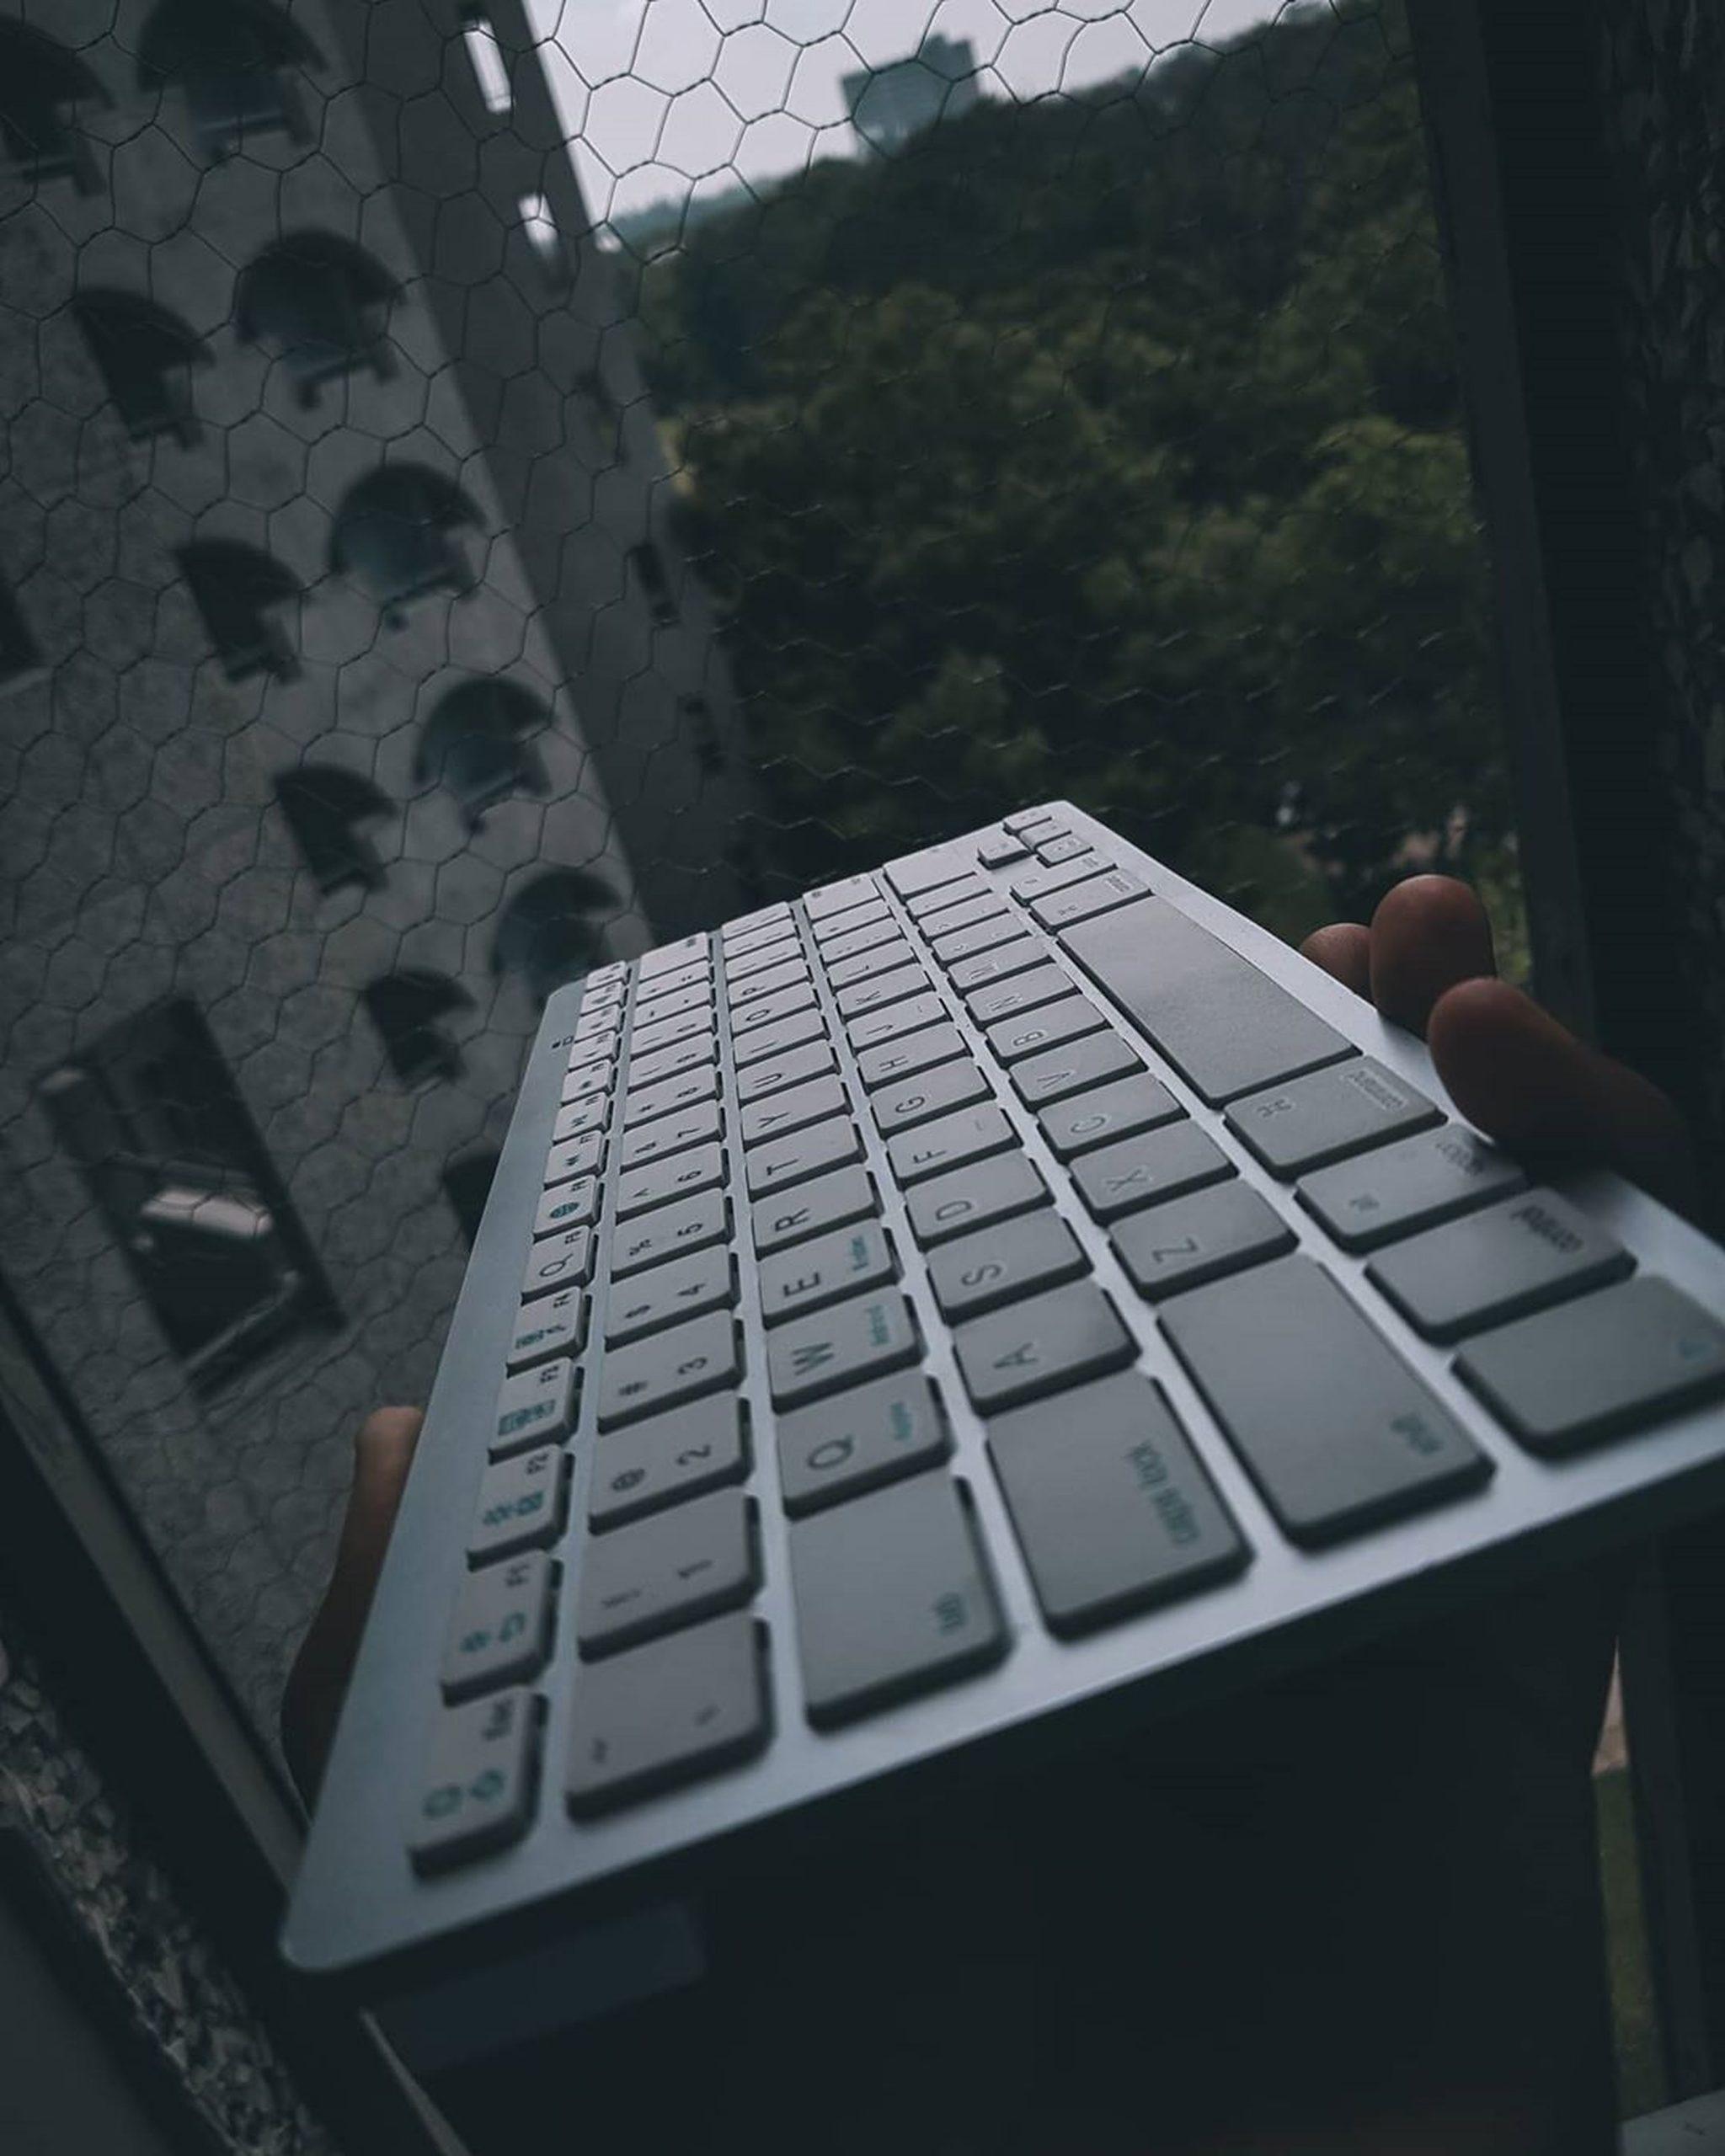 A wireless keyboard